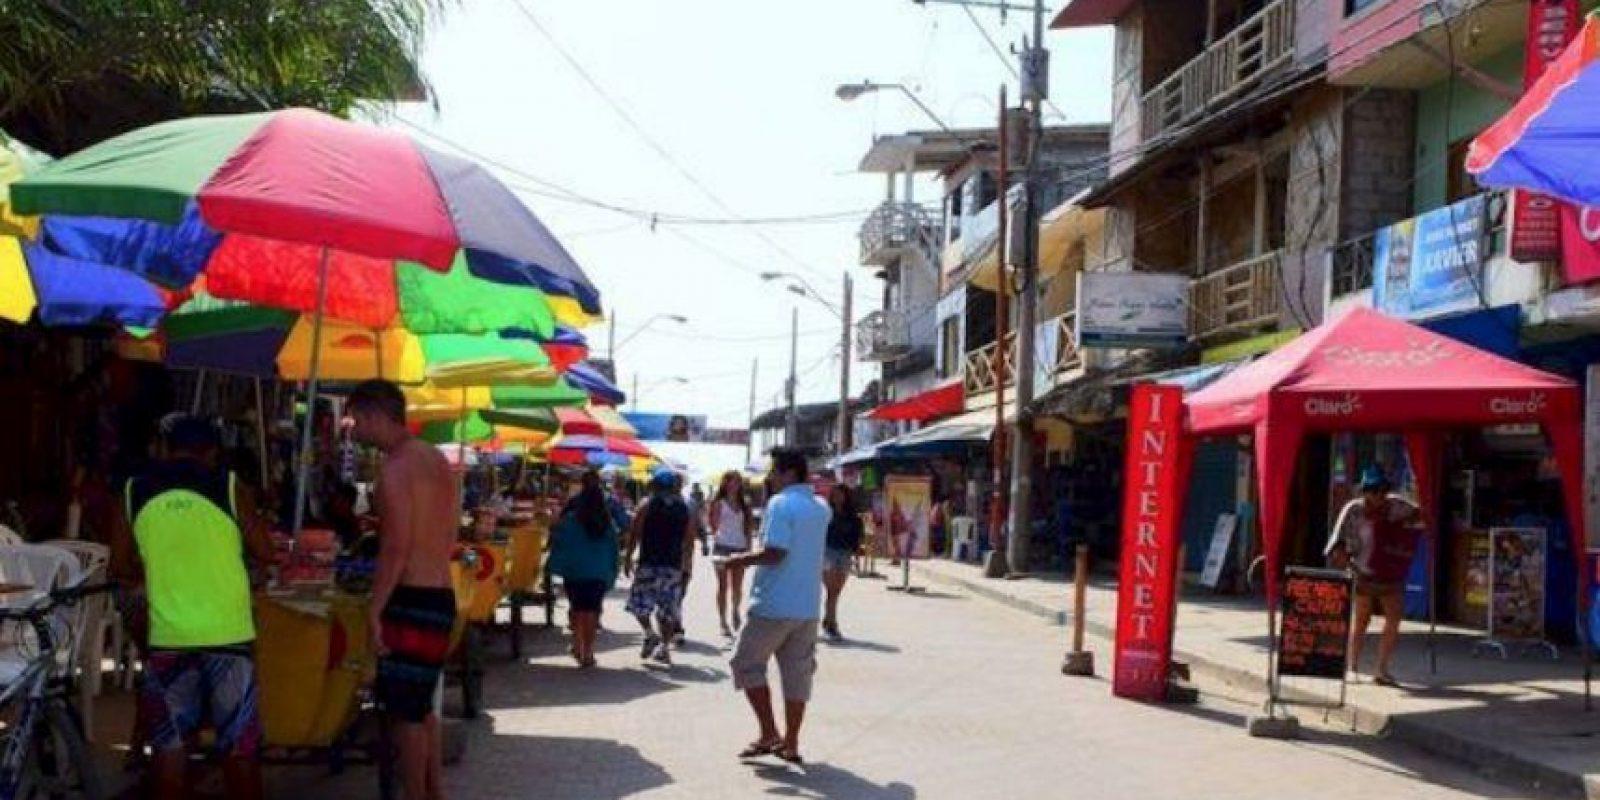 Todos los años se realizan campeonatos de Surf auspiciados por firmas y marcas ecuatorianas de deportes. Foto:facebook.com/montanitafans